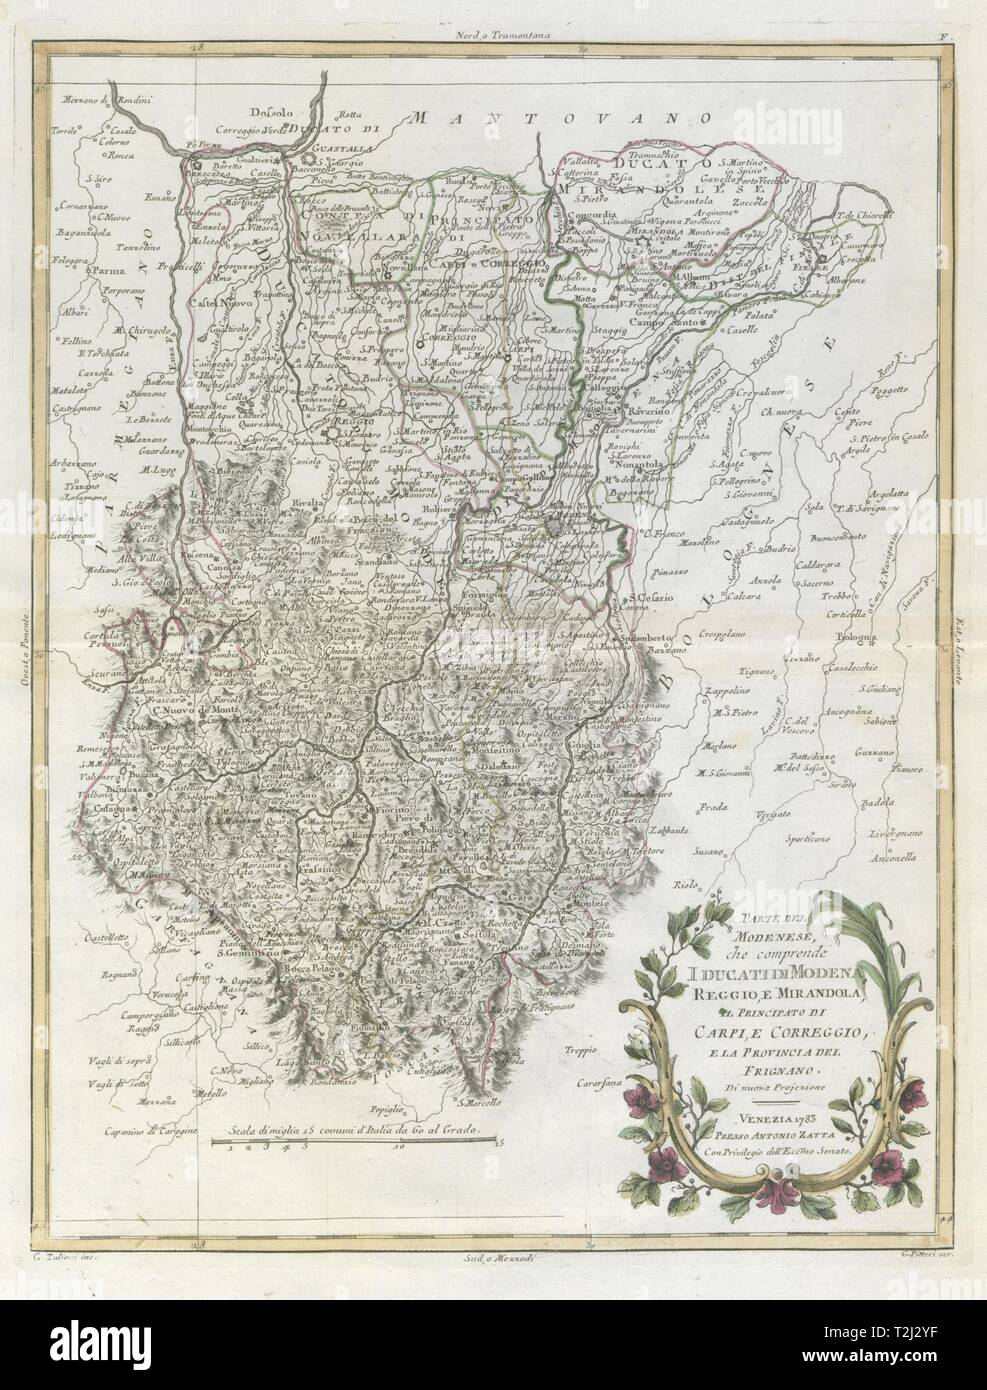 'Parte del Modenese che comprende I Ducati di Modena, Reggio…'. ZATTA 1784 map - Stock Image